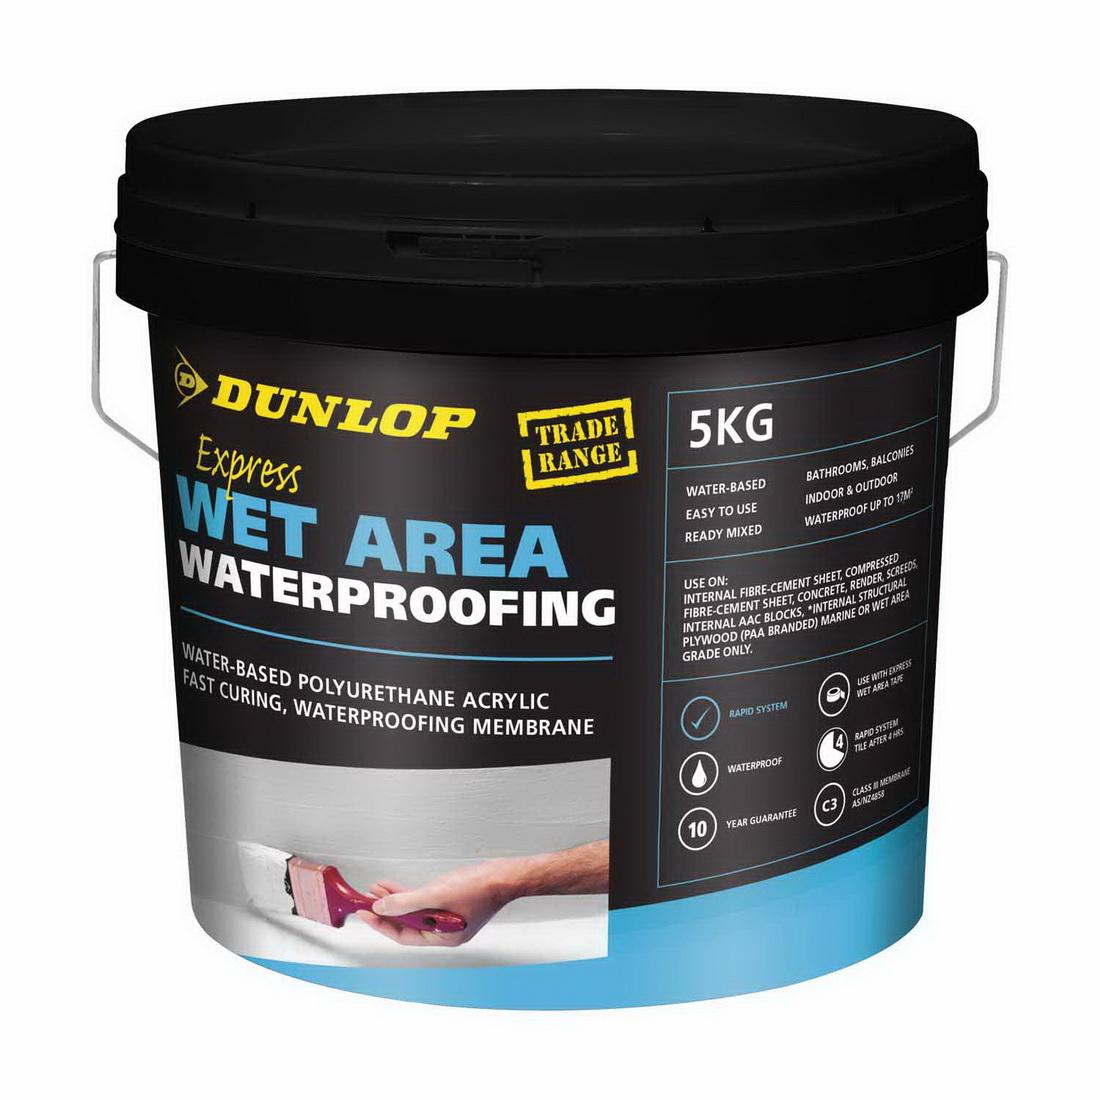 Express 5kg Wet Area Waterproofing Blue/Grey